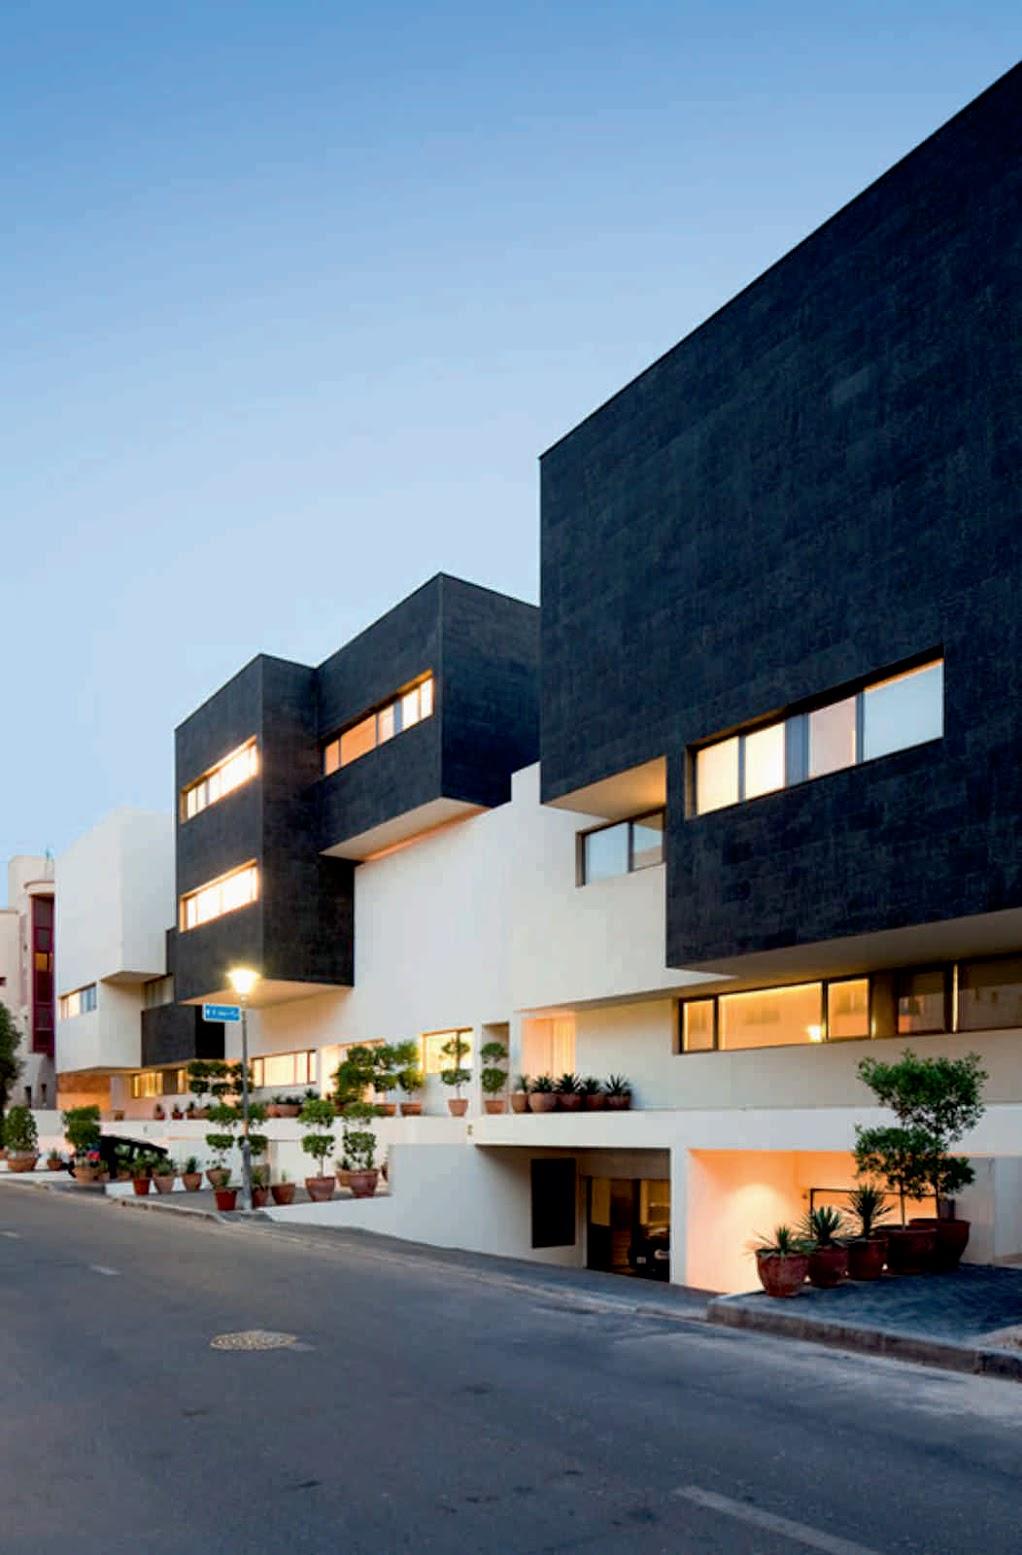 Al Yarmuk Kuwait Black White House By Agi Architects Unusual Architecture